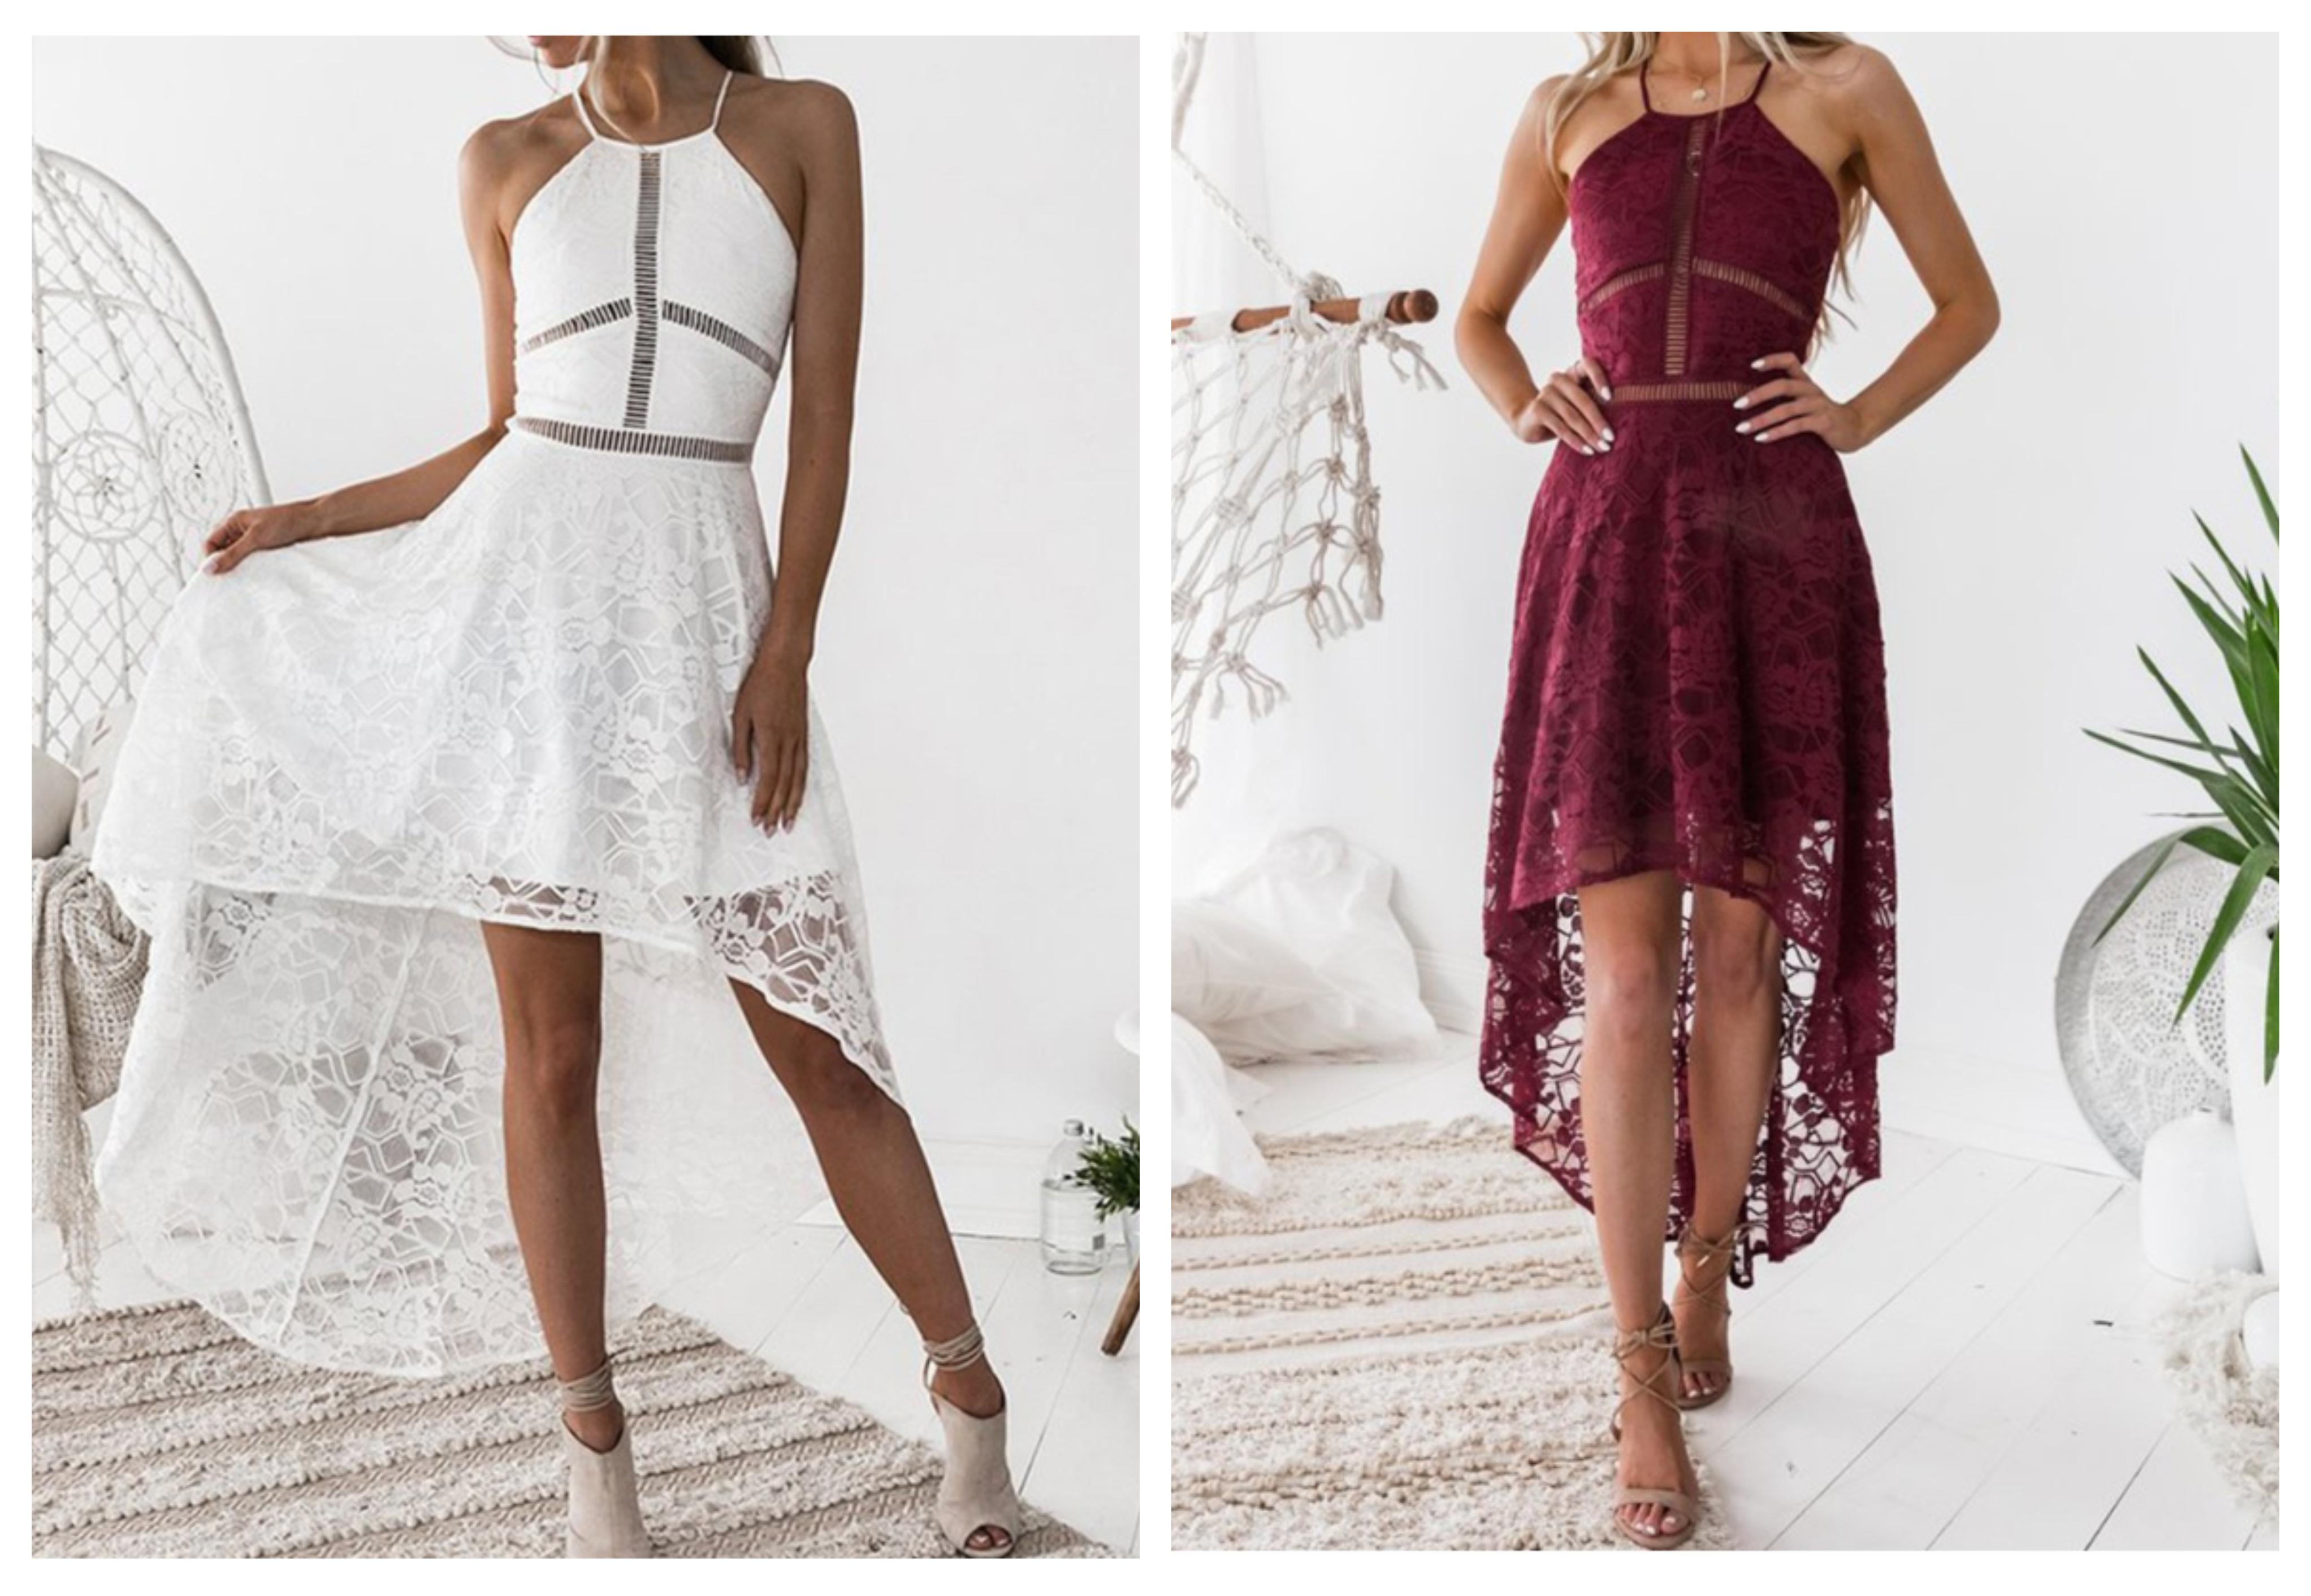 lace bridesmaids dresses singapore